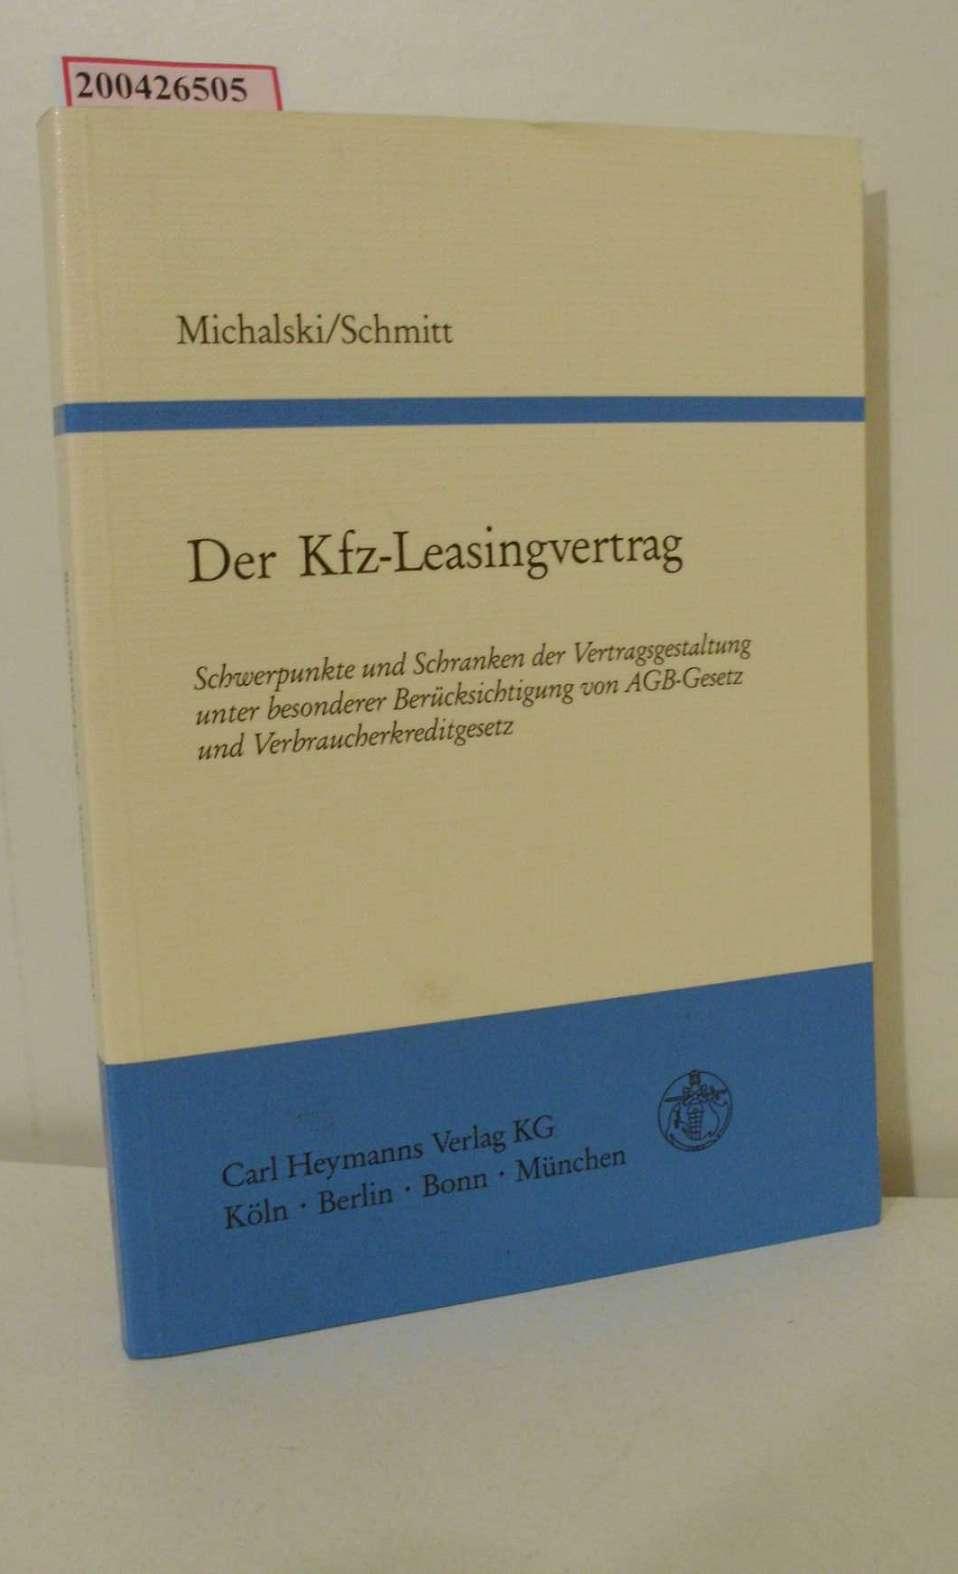 Der Kfz-Leasingvertrag : Schwerpunkte und Schranken der Vertragsgestaltung unter besonderer Berücksichtigung von AGB-Gesetz und Verbraucherkreditgesetz / von Lutz Michalski und Michael Schmitt